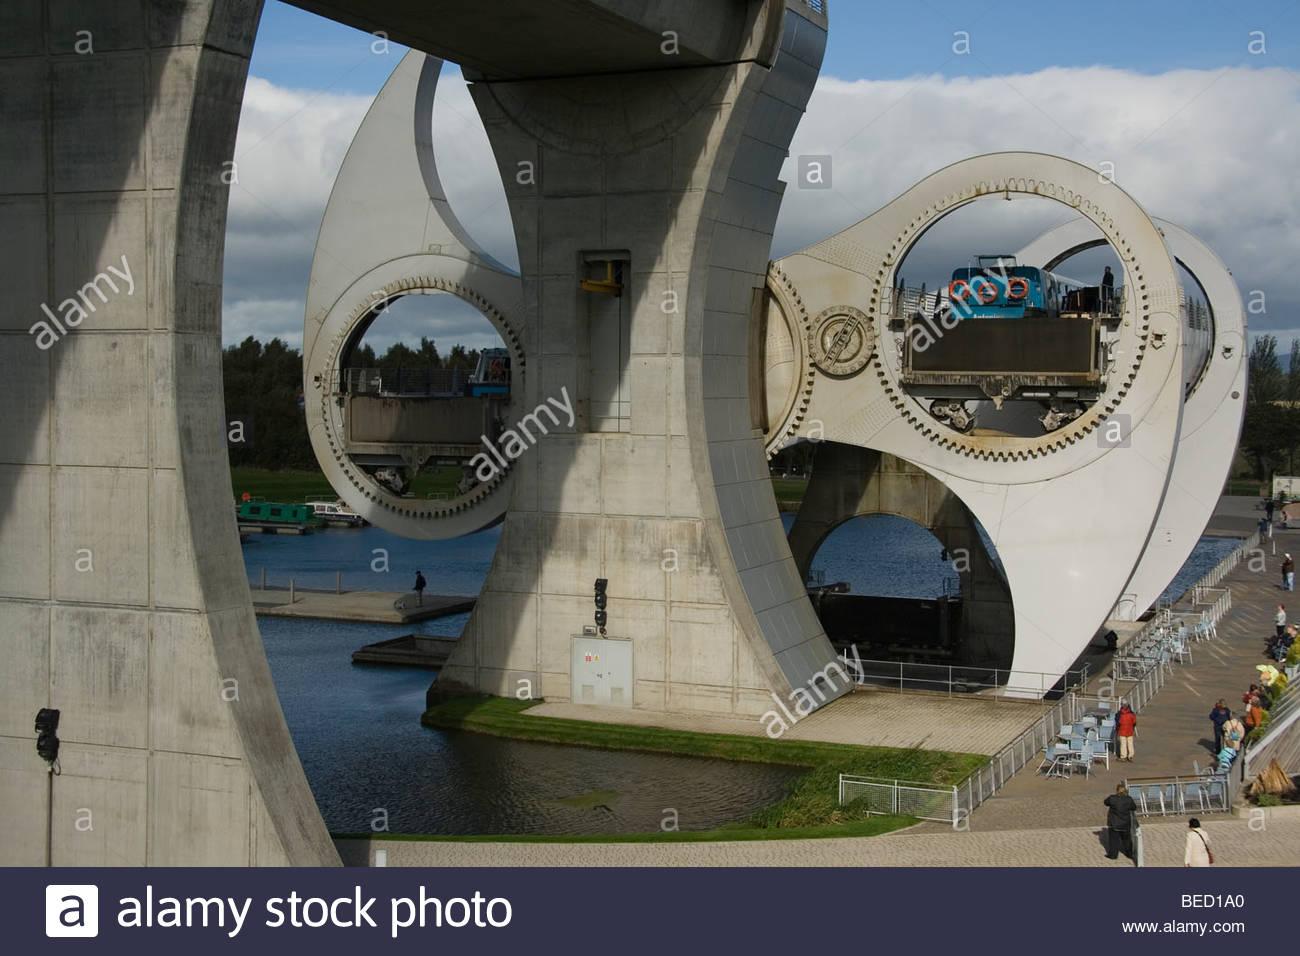 Schottland Falkirk Wheel zeigt Boote in Rotation Nahaufnahme Trossachs Stockbild